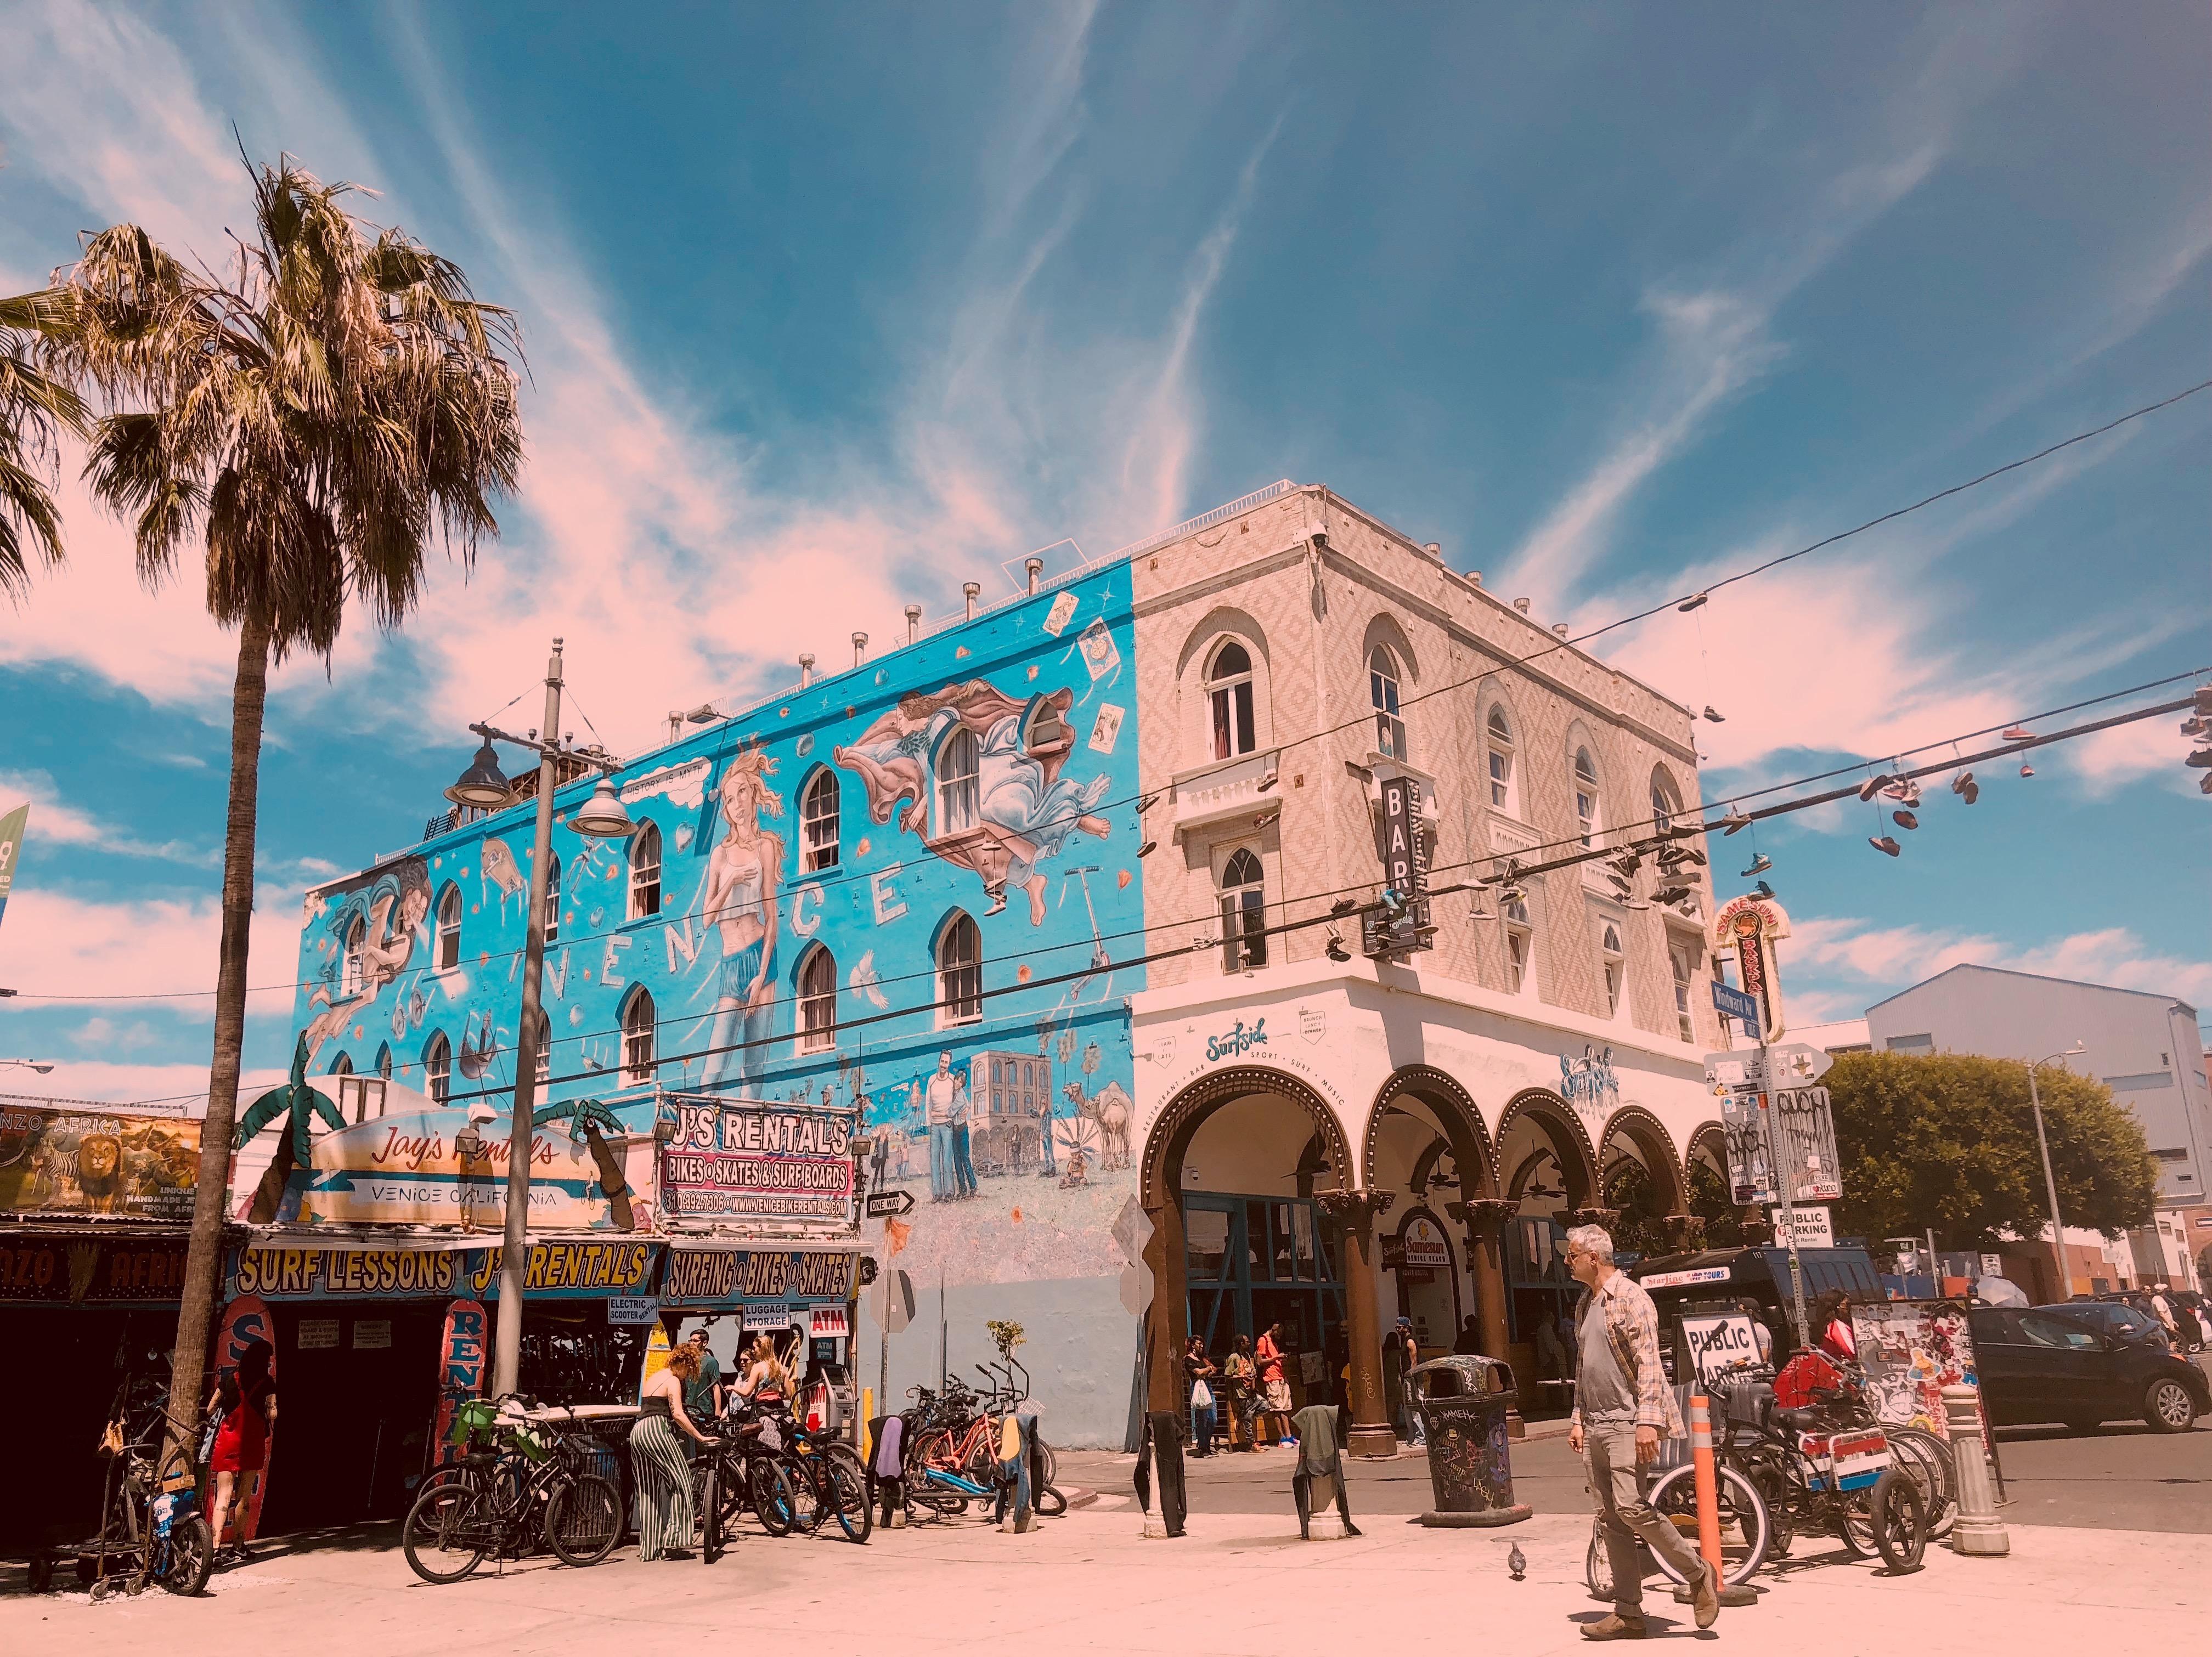 Venice Beach freakshow márnice a Ázie datovania žiadne reťazce datovania čistá zaregistrovať